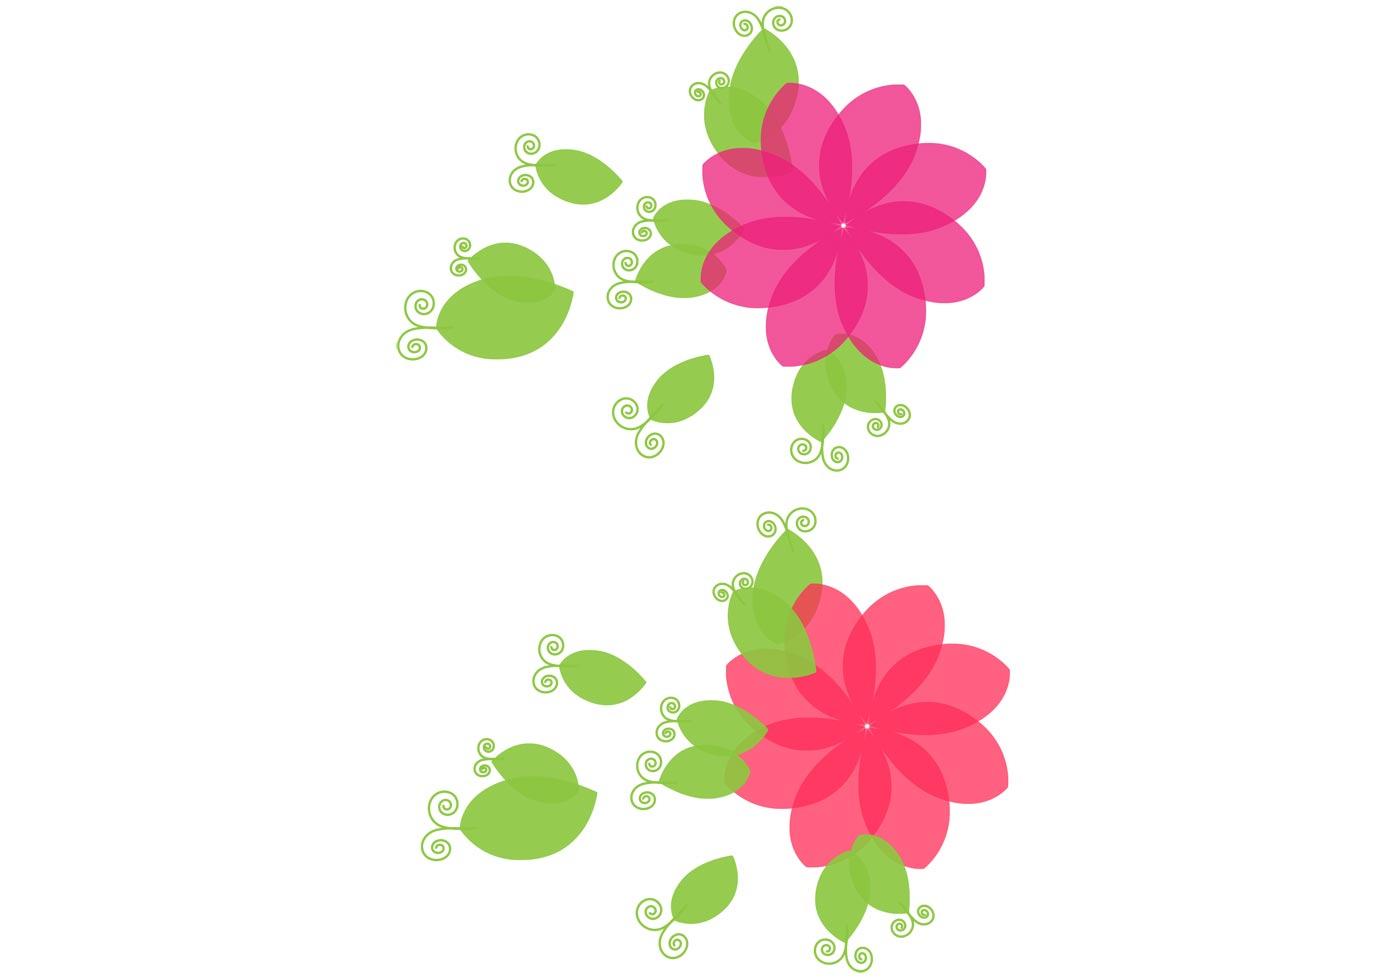 Beautiful flower vectors download free vector art stock graphics beautiful flower vectors download free vector art stock graphics images izmirmasajfo